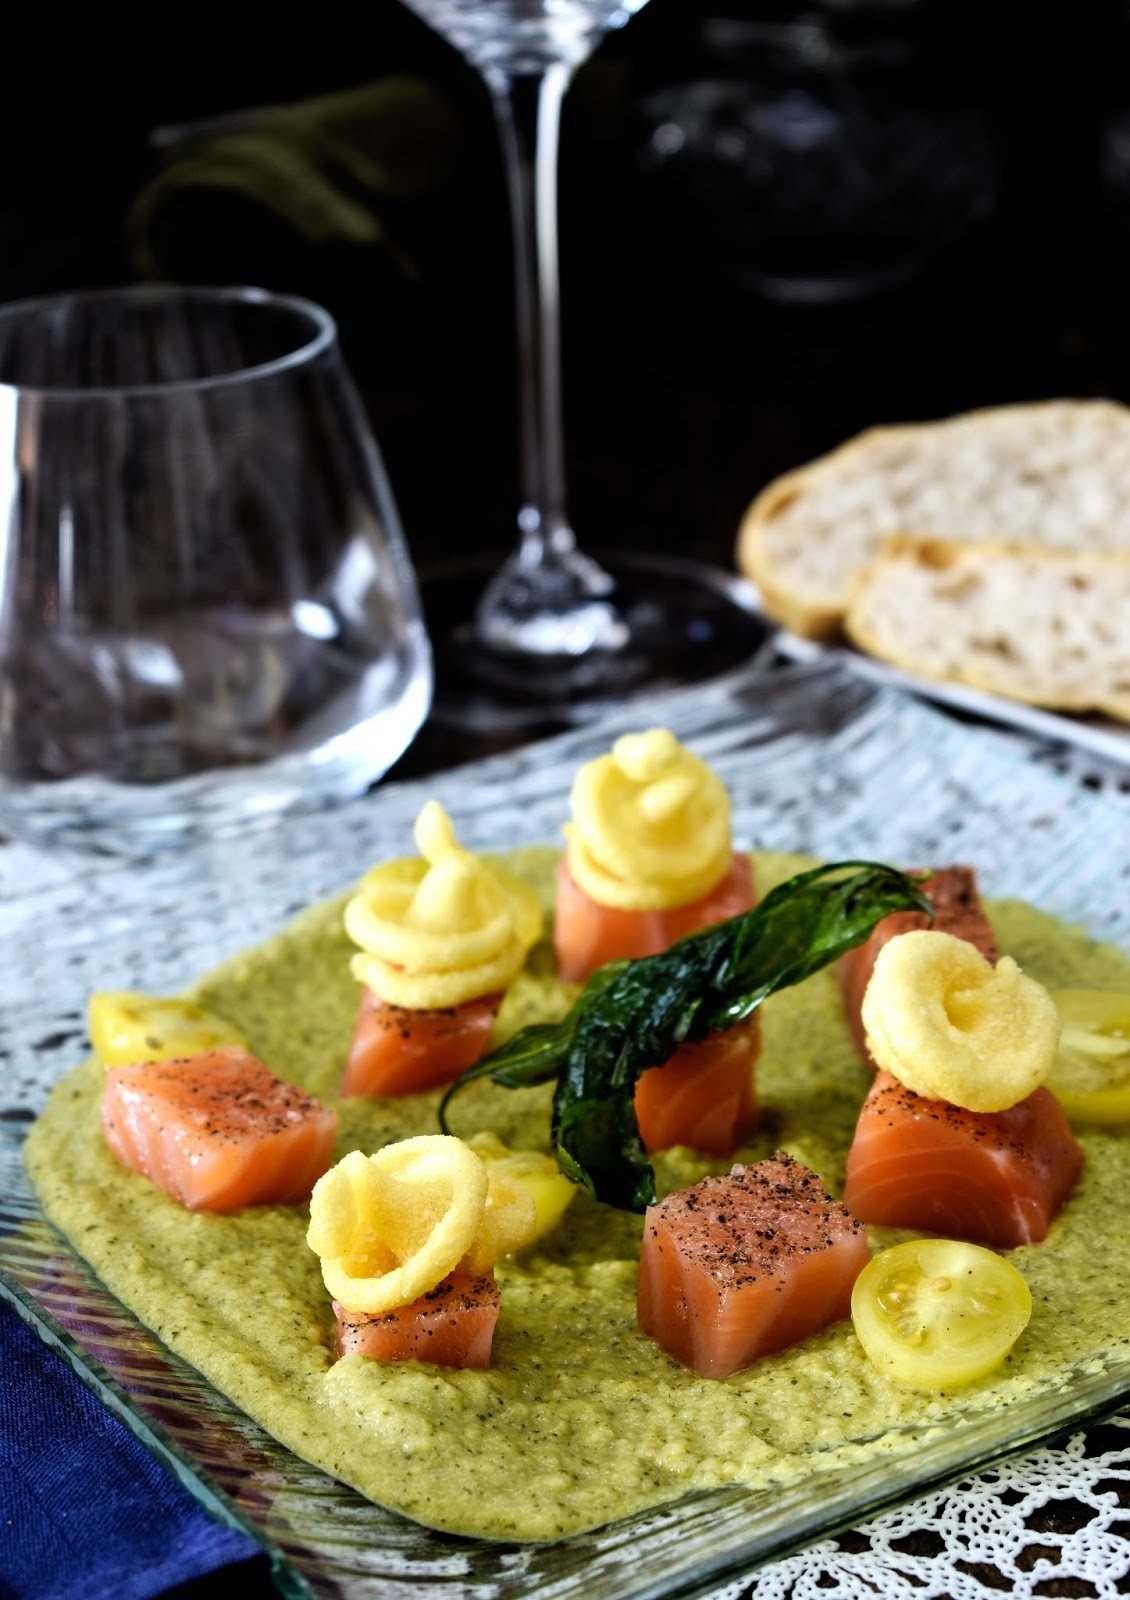 Crema di zucchine al cocco con sashimi di salmone, olio al curry e pasta fritta